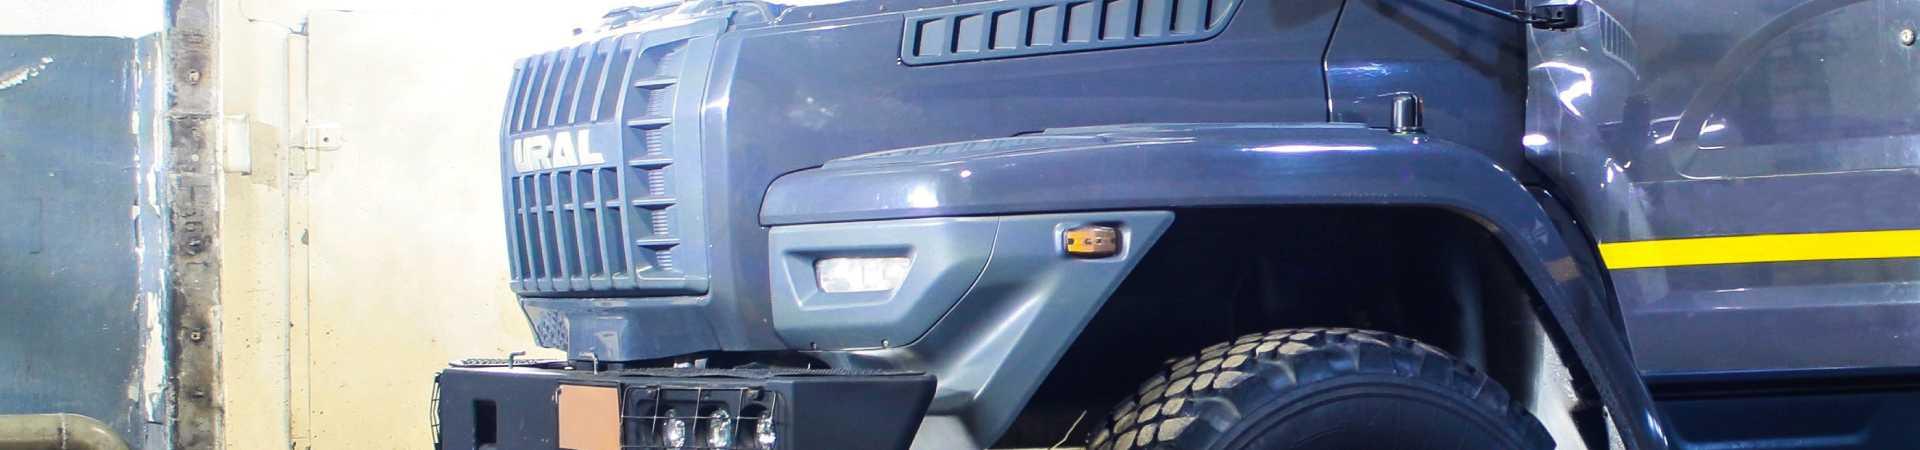 СТО «СПЕЦСЕРВИС» произвел гарантийный ремонт автомобиль УРАЛ